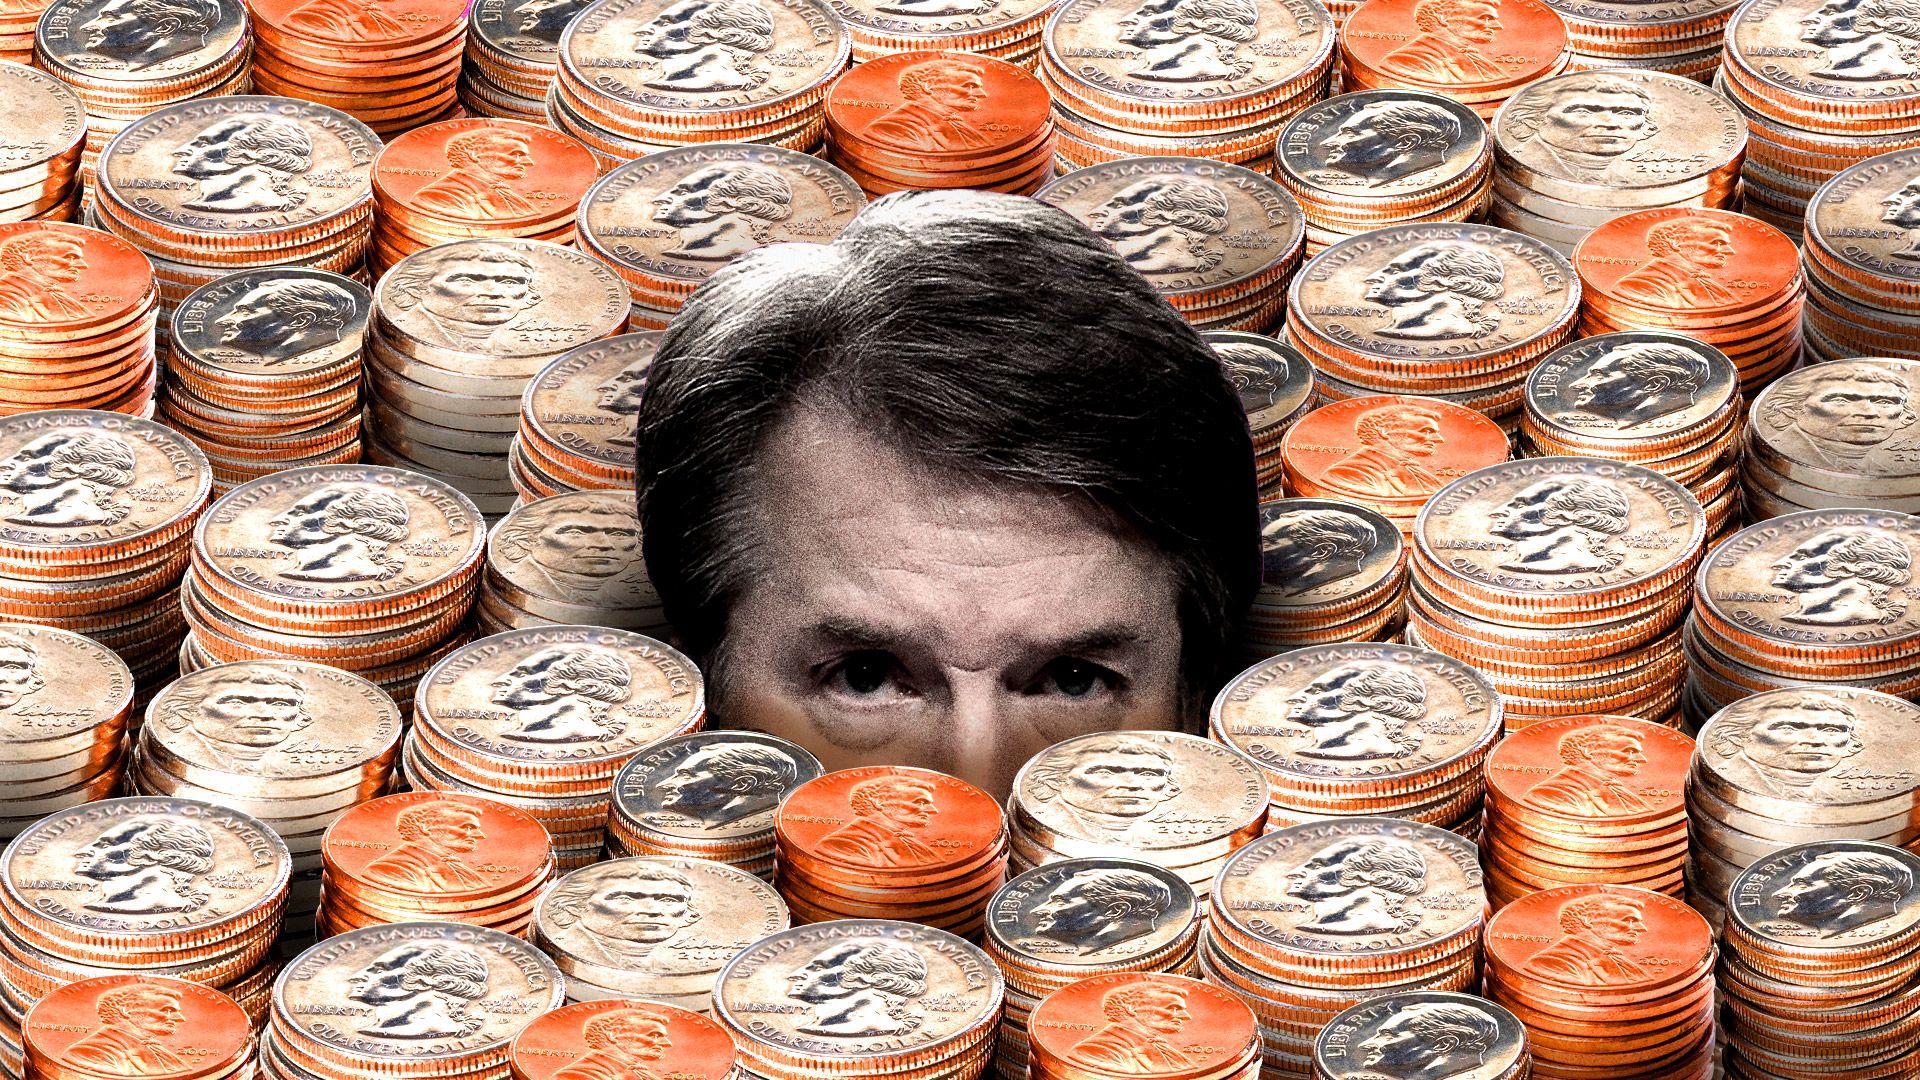 Brett Kavanaugh submerged in coins